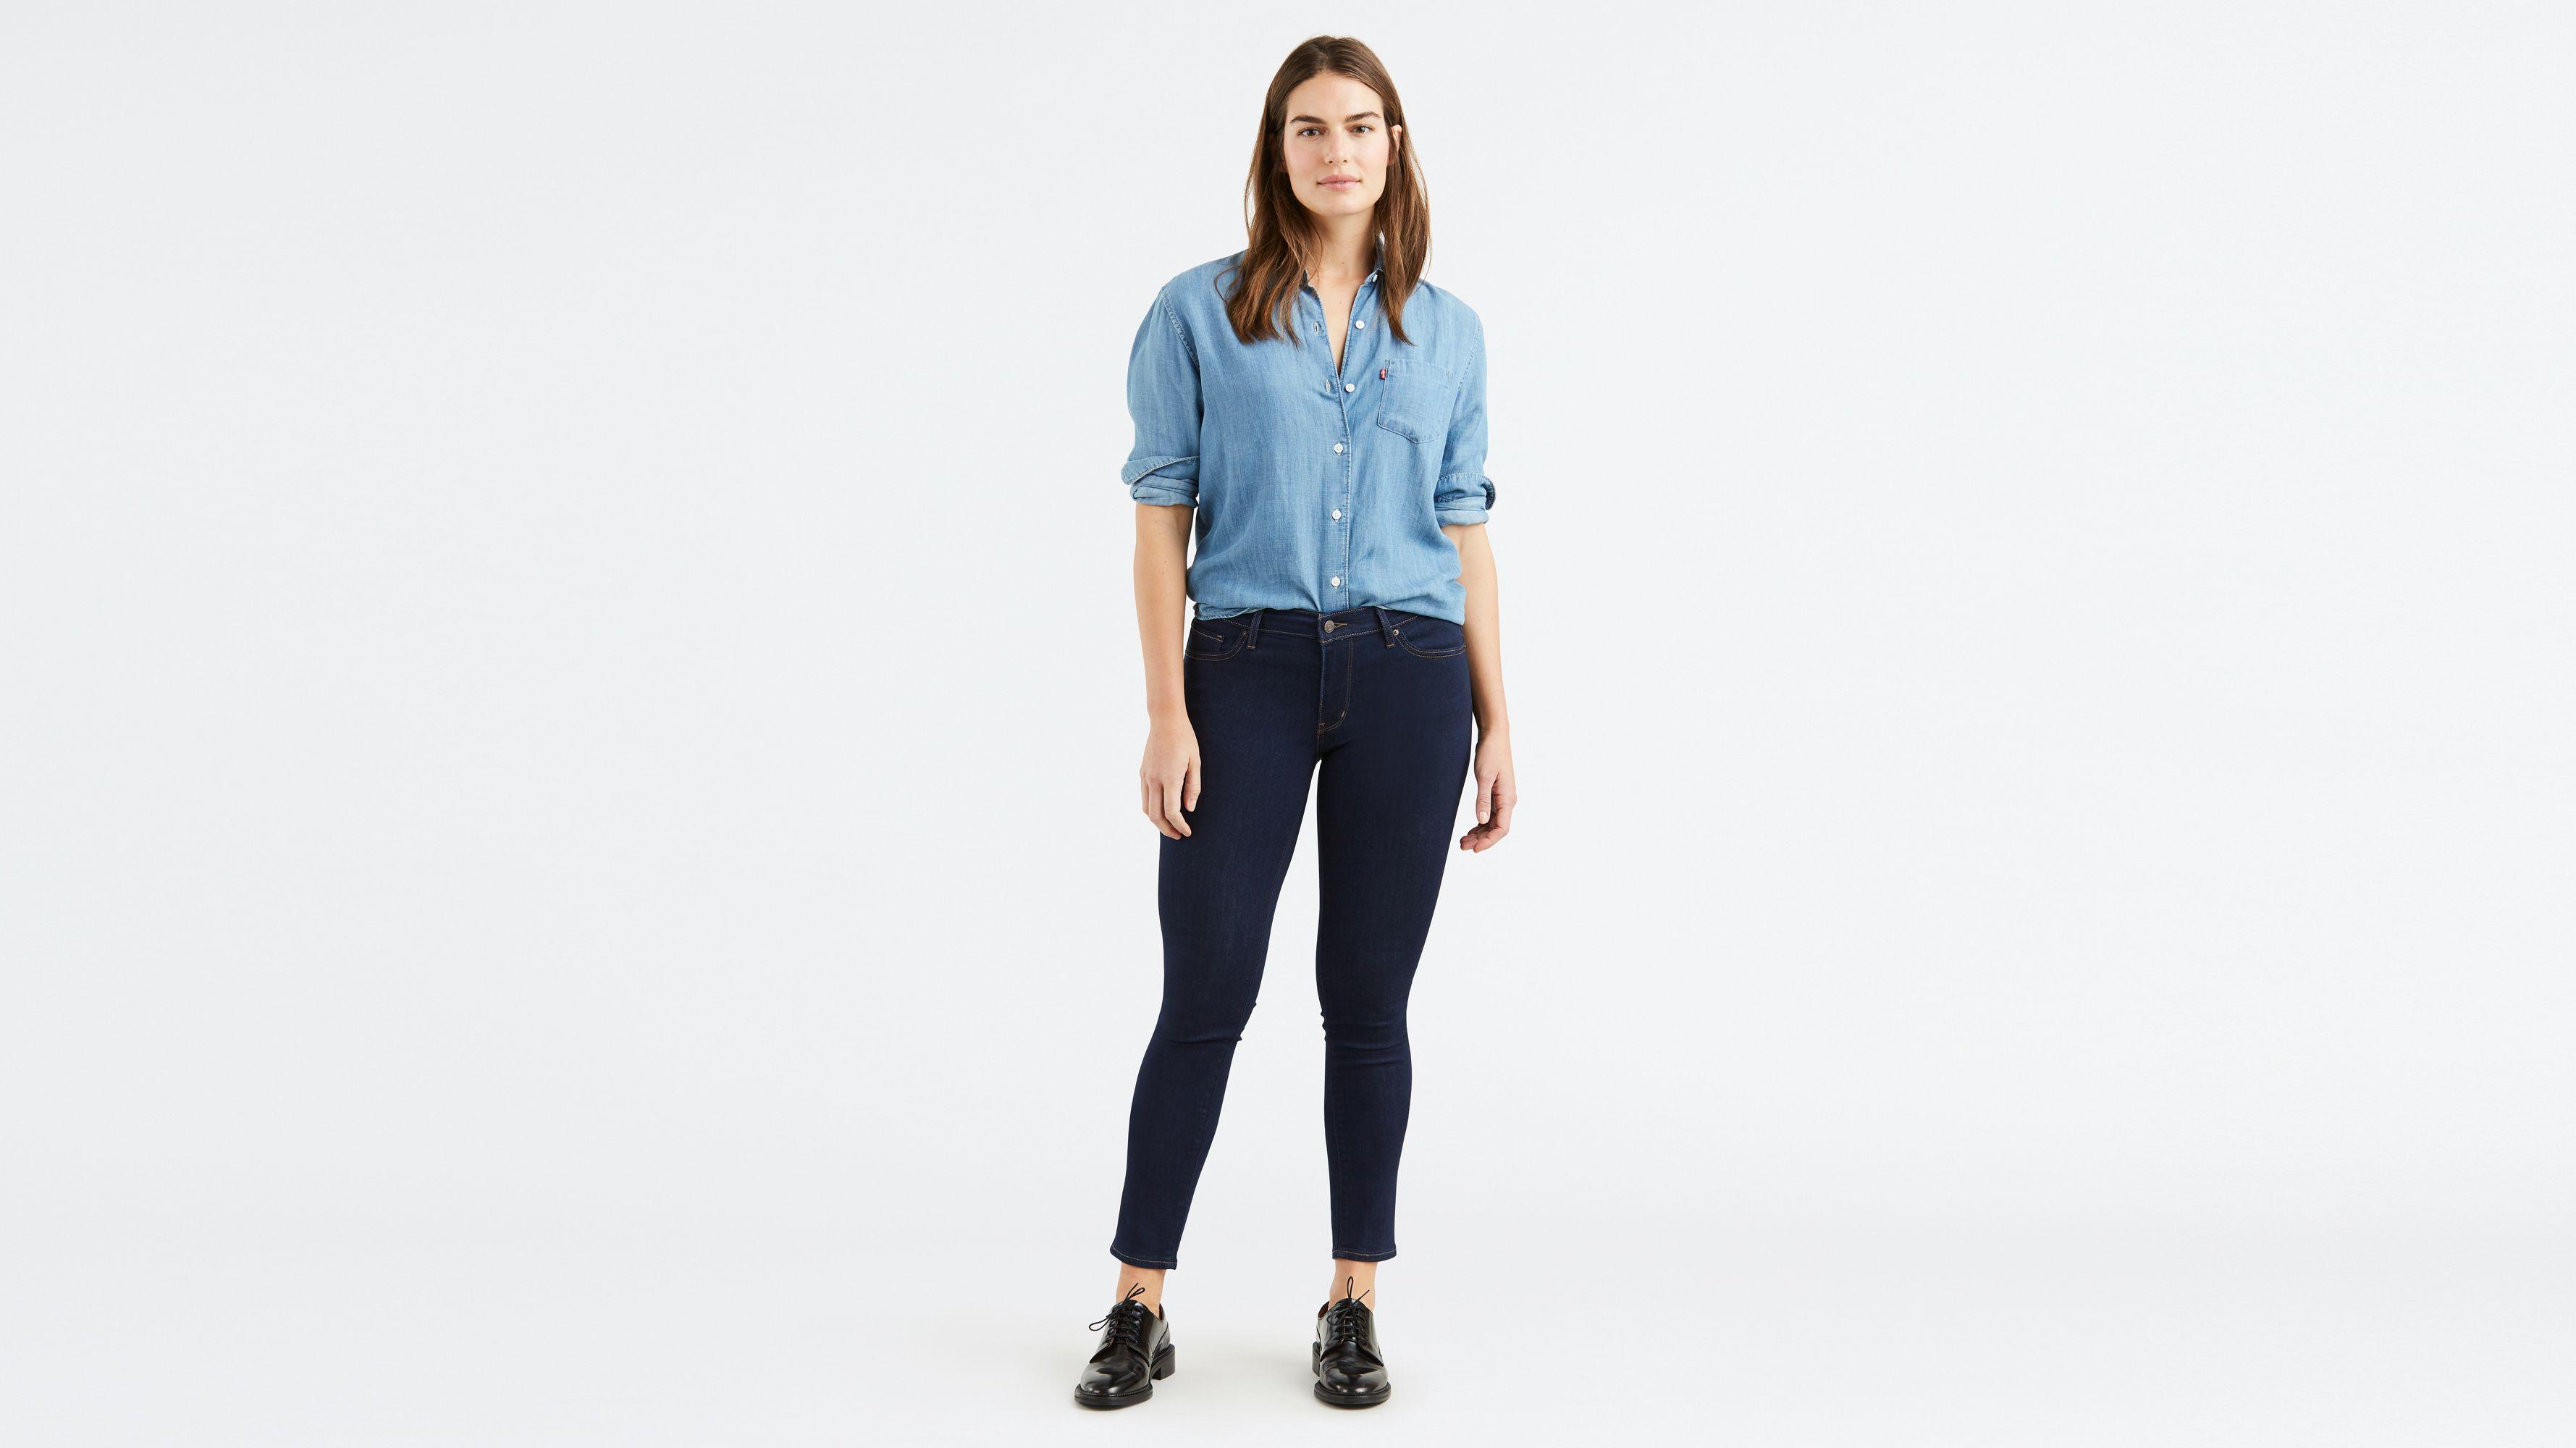 Women-Jeans-711 Skinny Jeans-Lone Wolf